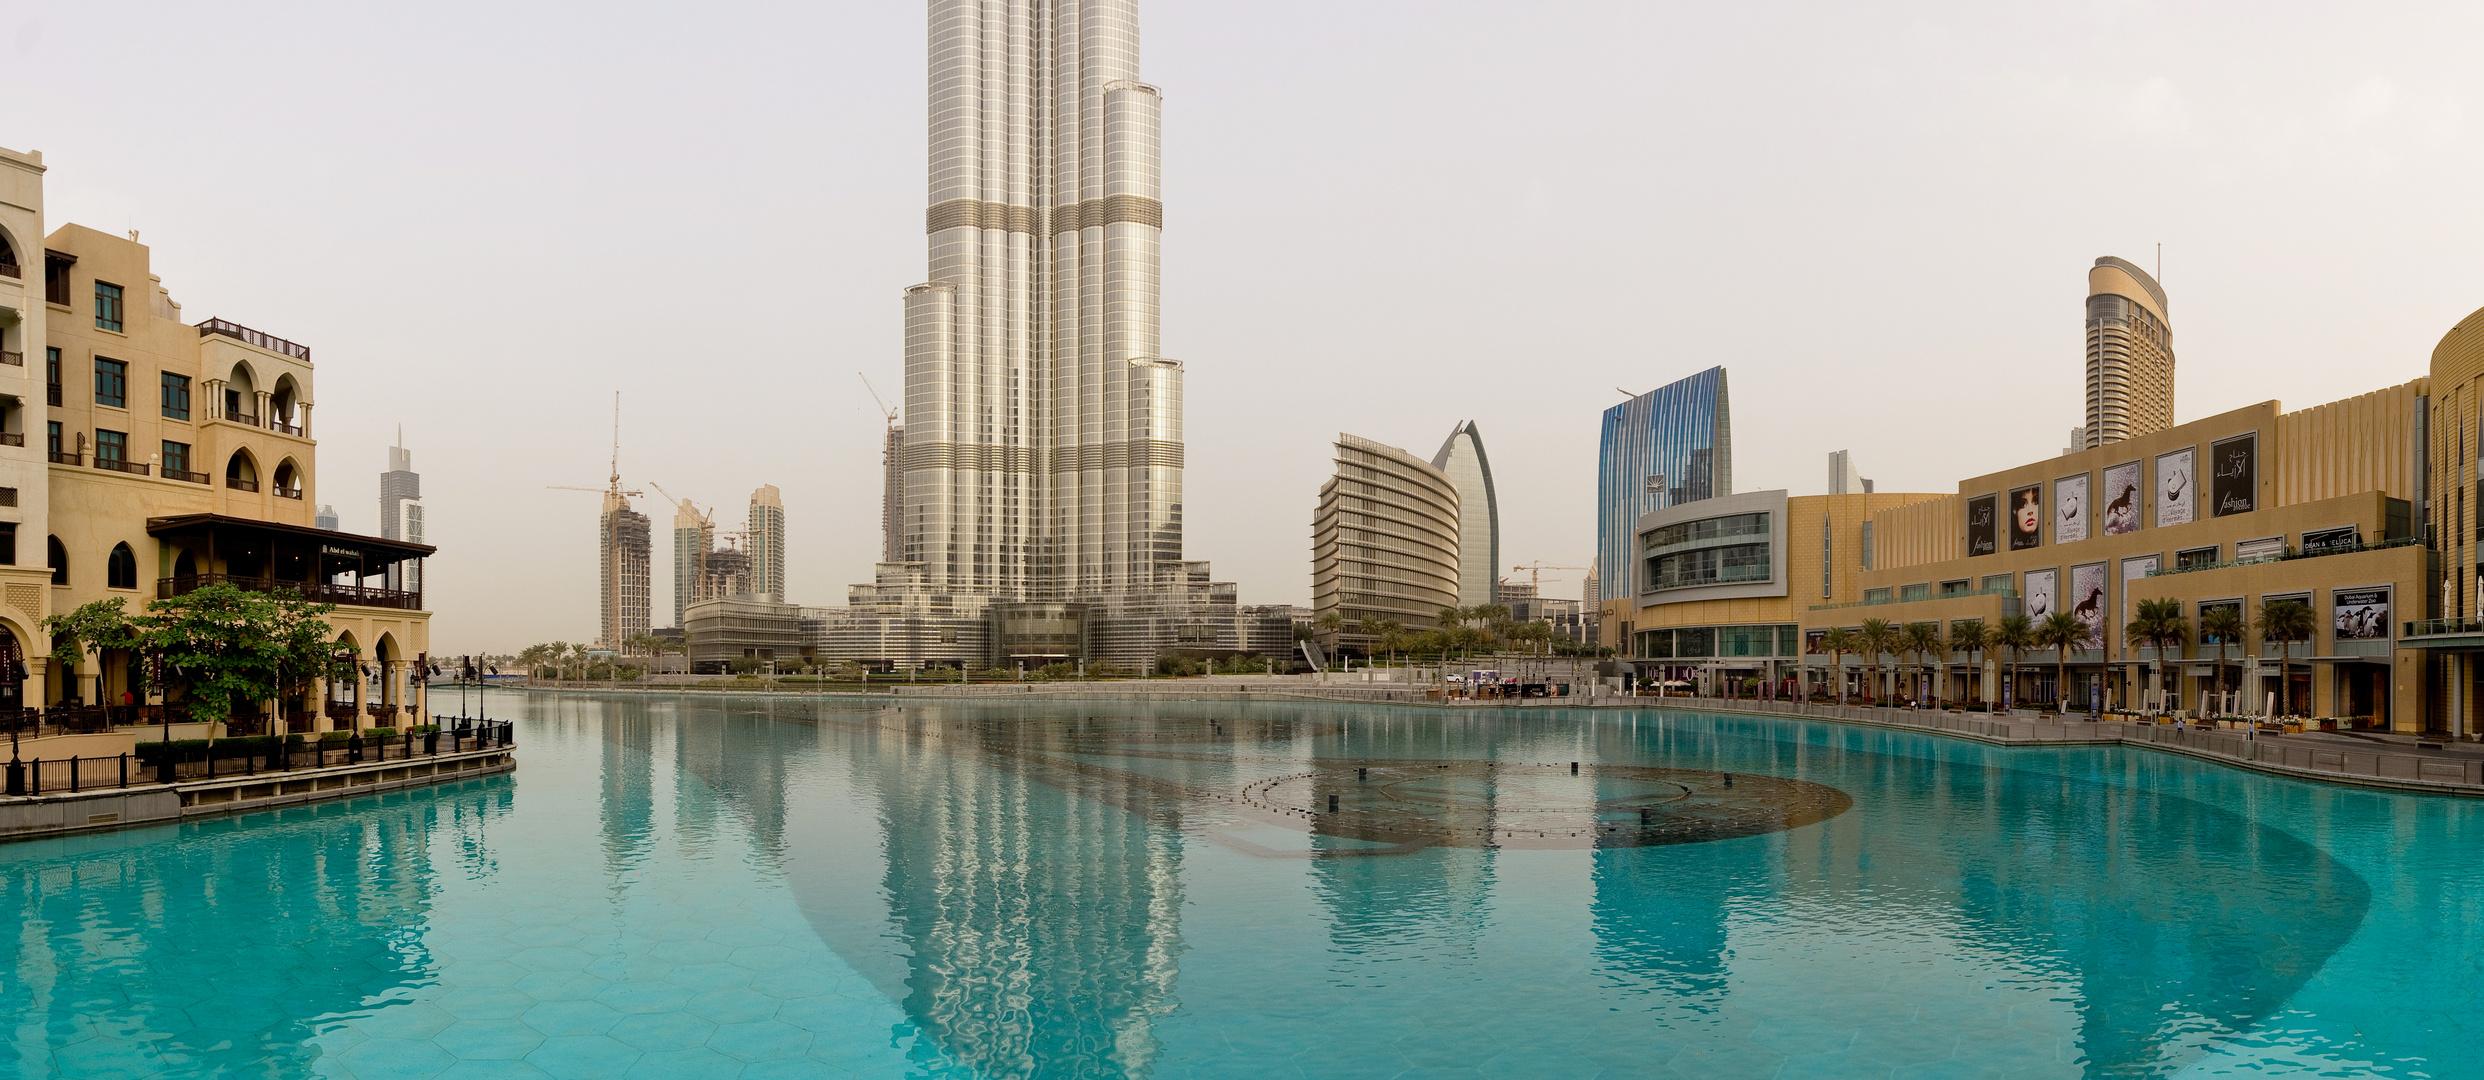 Old Town - Burj Khalifa - Dubai Mall